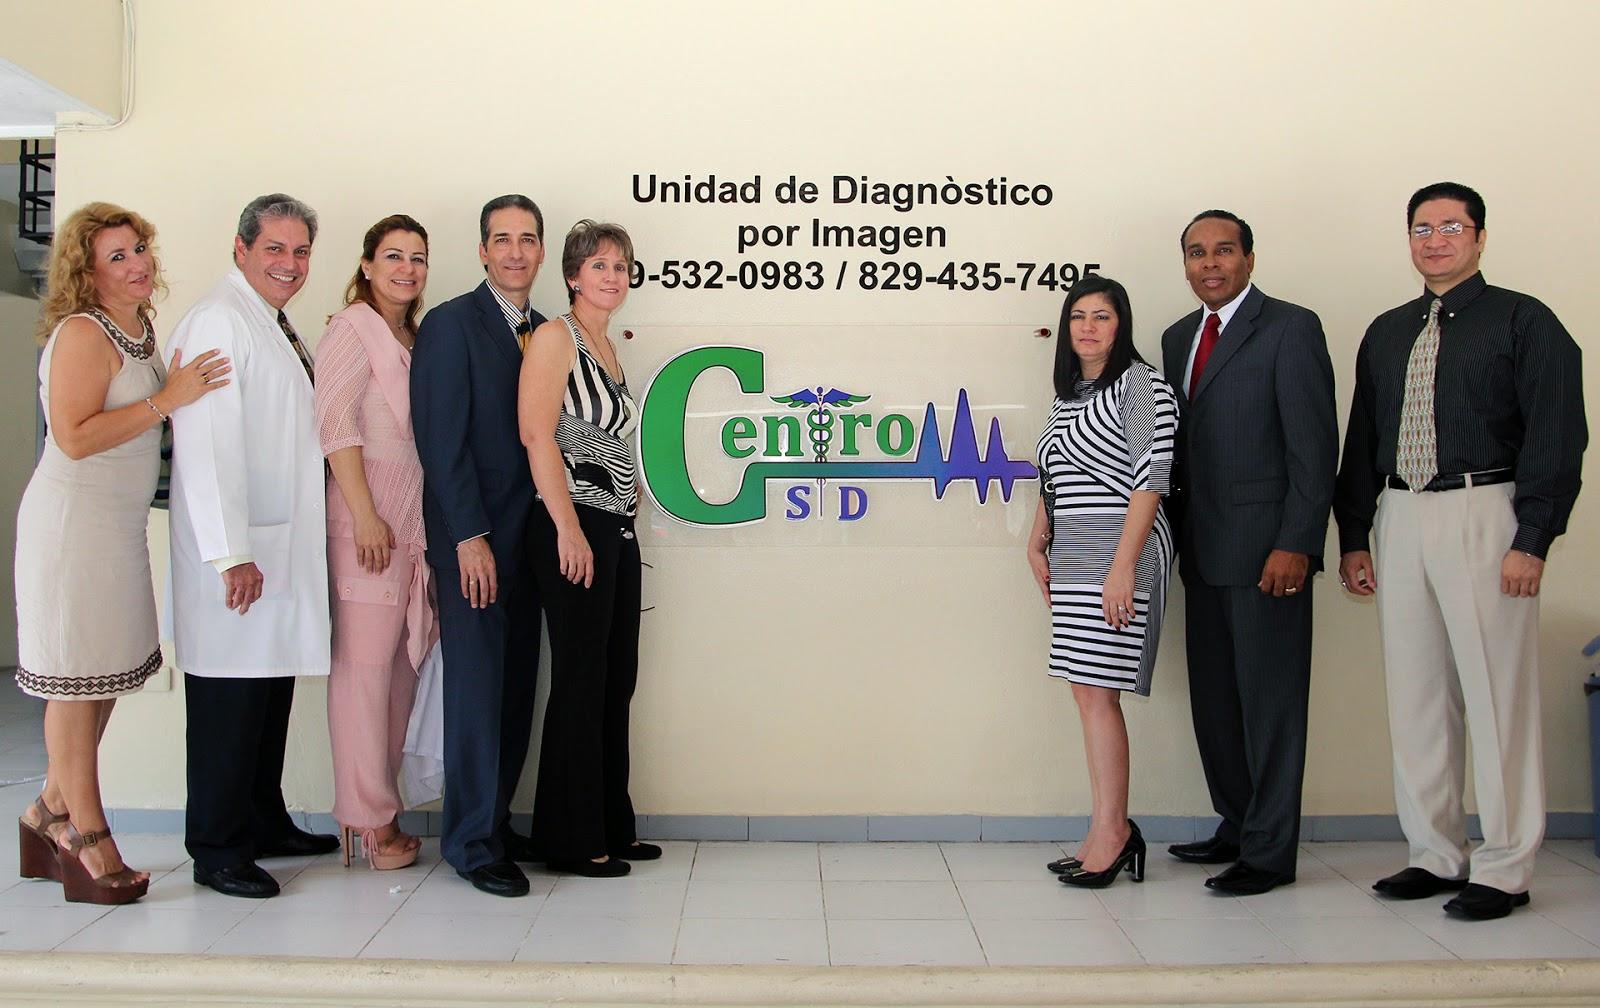 Inauguran local del Centro de Sonografía y Doppler Dr. Bachá Arbaje